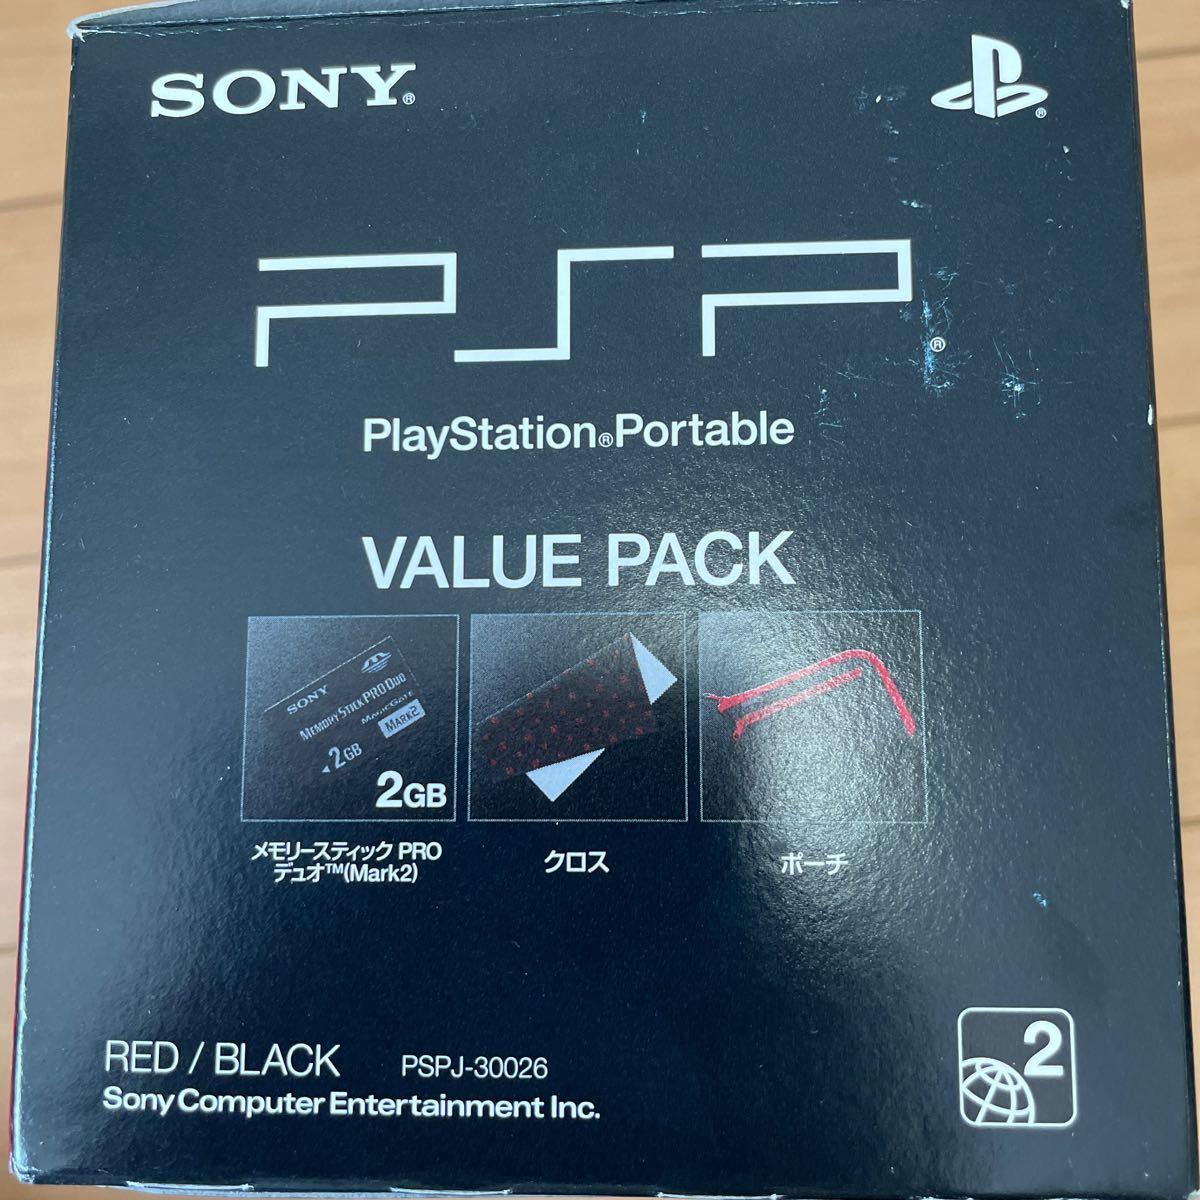 PSP 3000 プレイステーションポータブル PSP-3000 バリューパック レッド/ブラック 本体